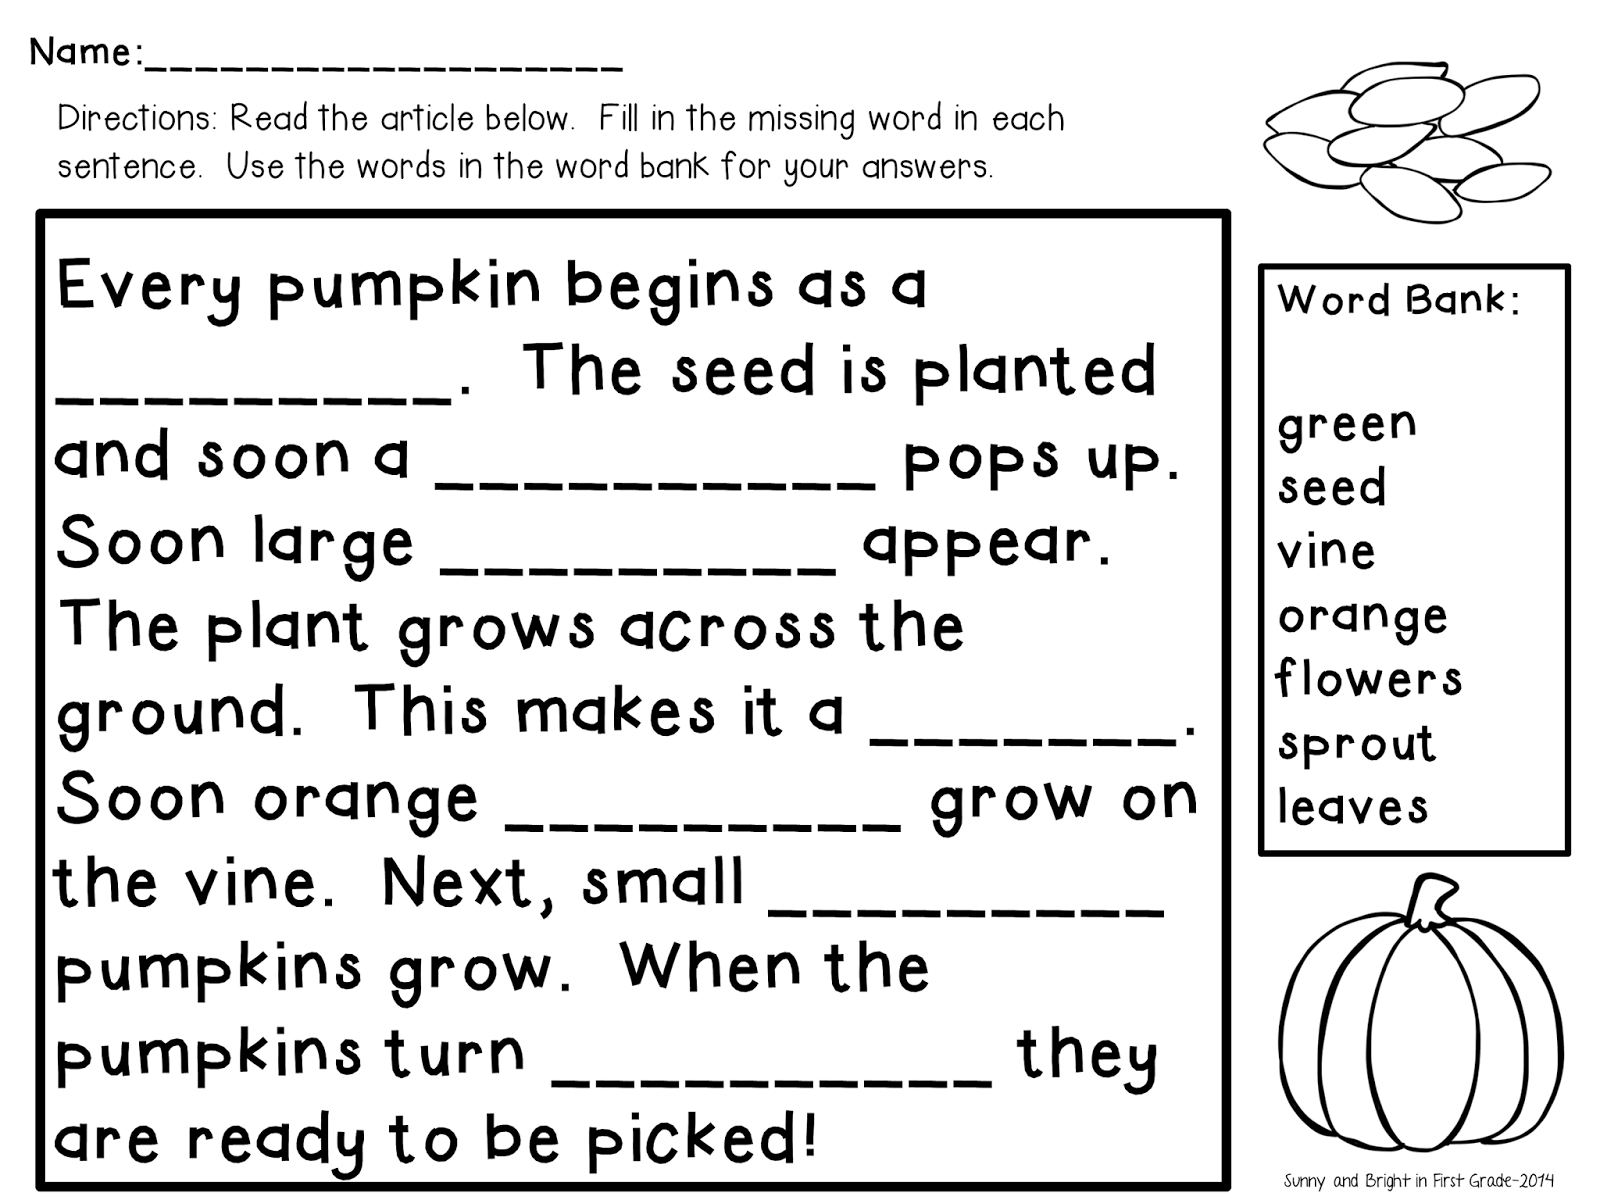 Worksheet. Life Cycle Of A Pumpkin Worksheet. Worksheet